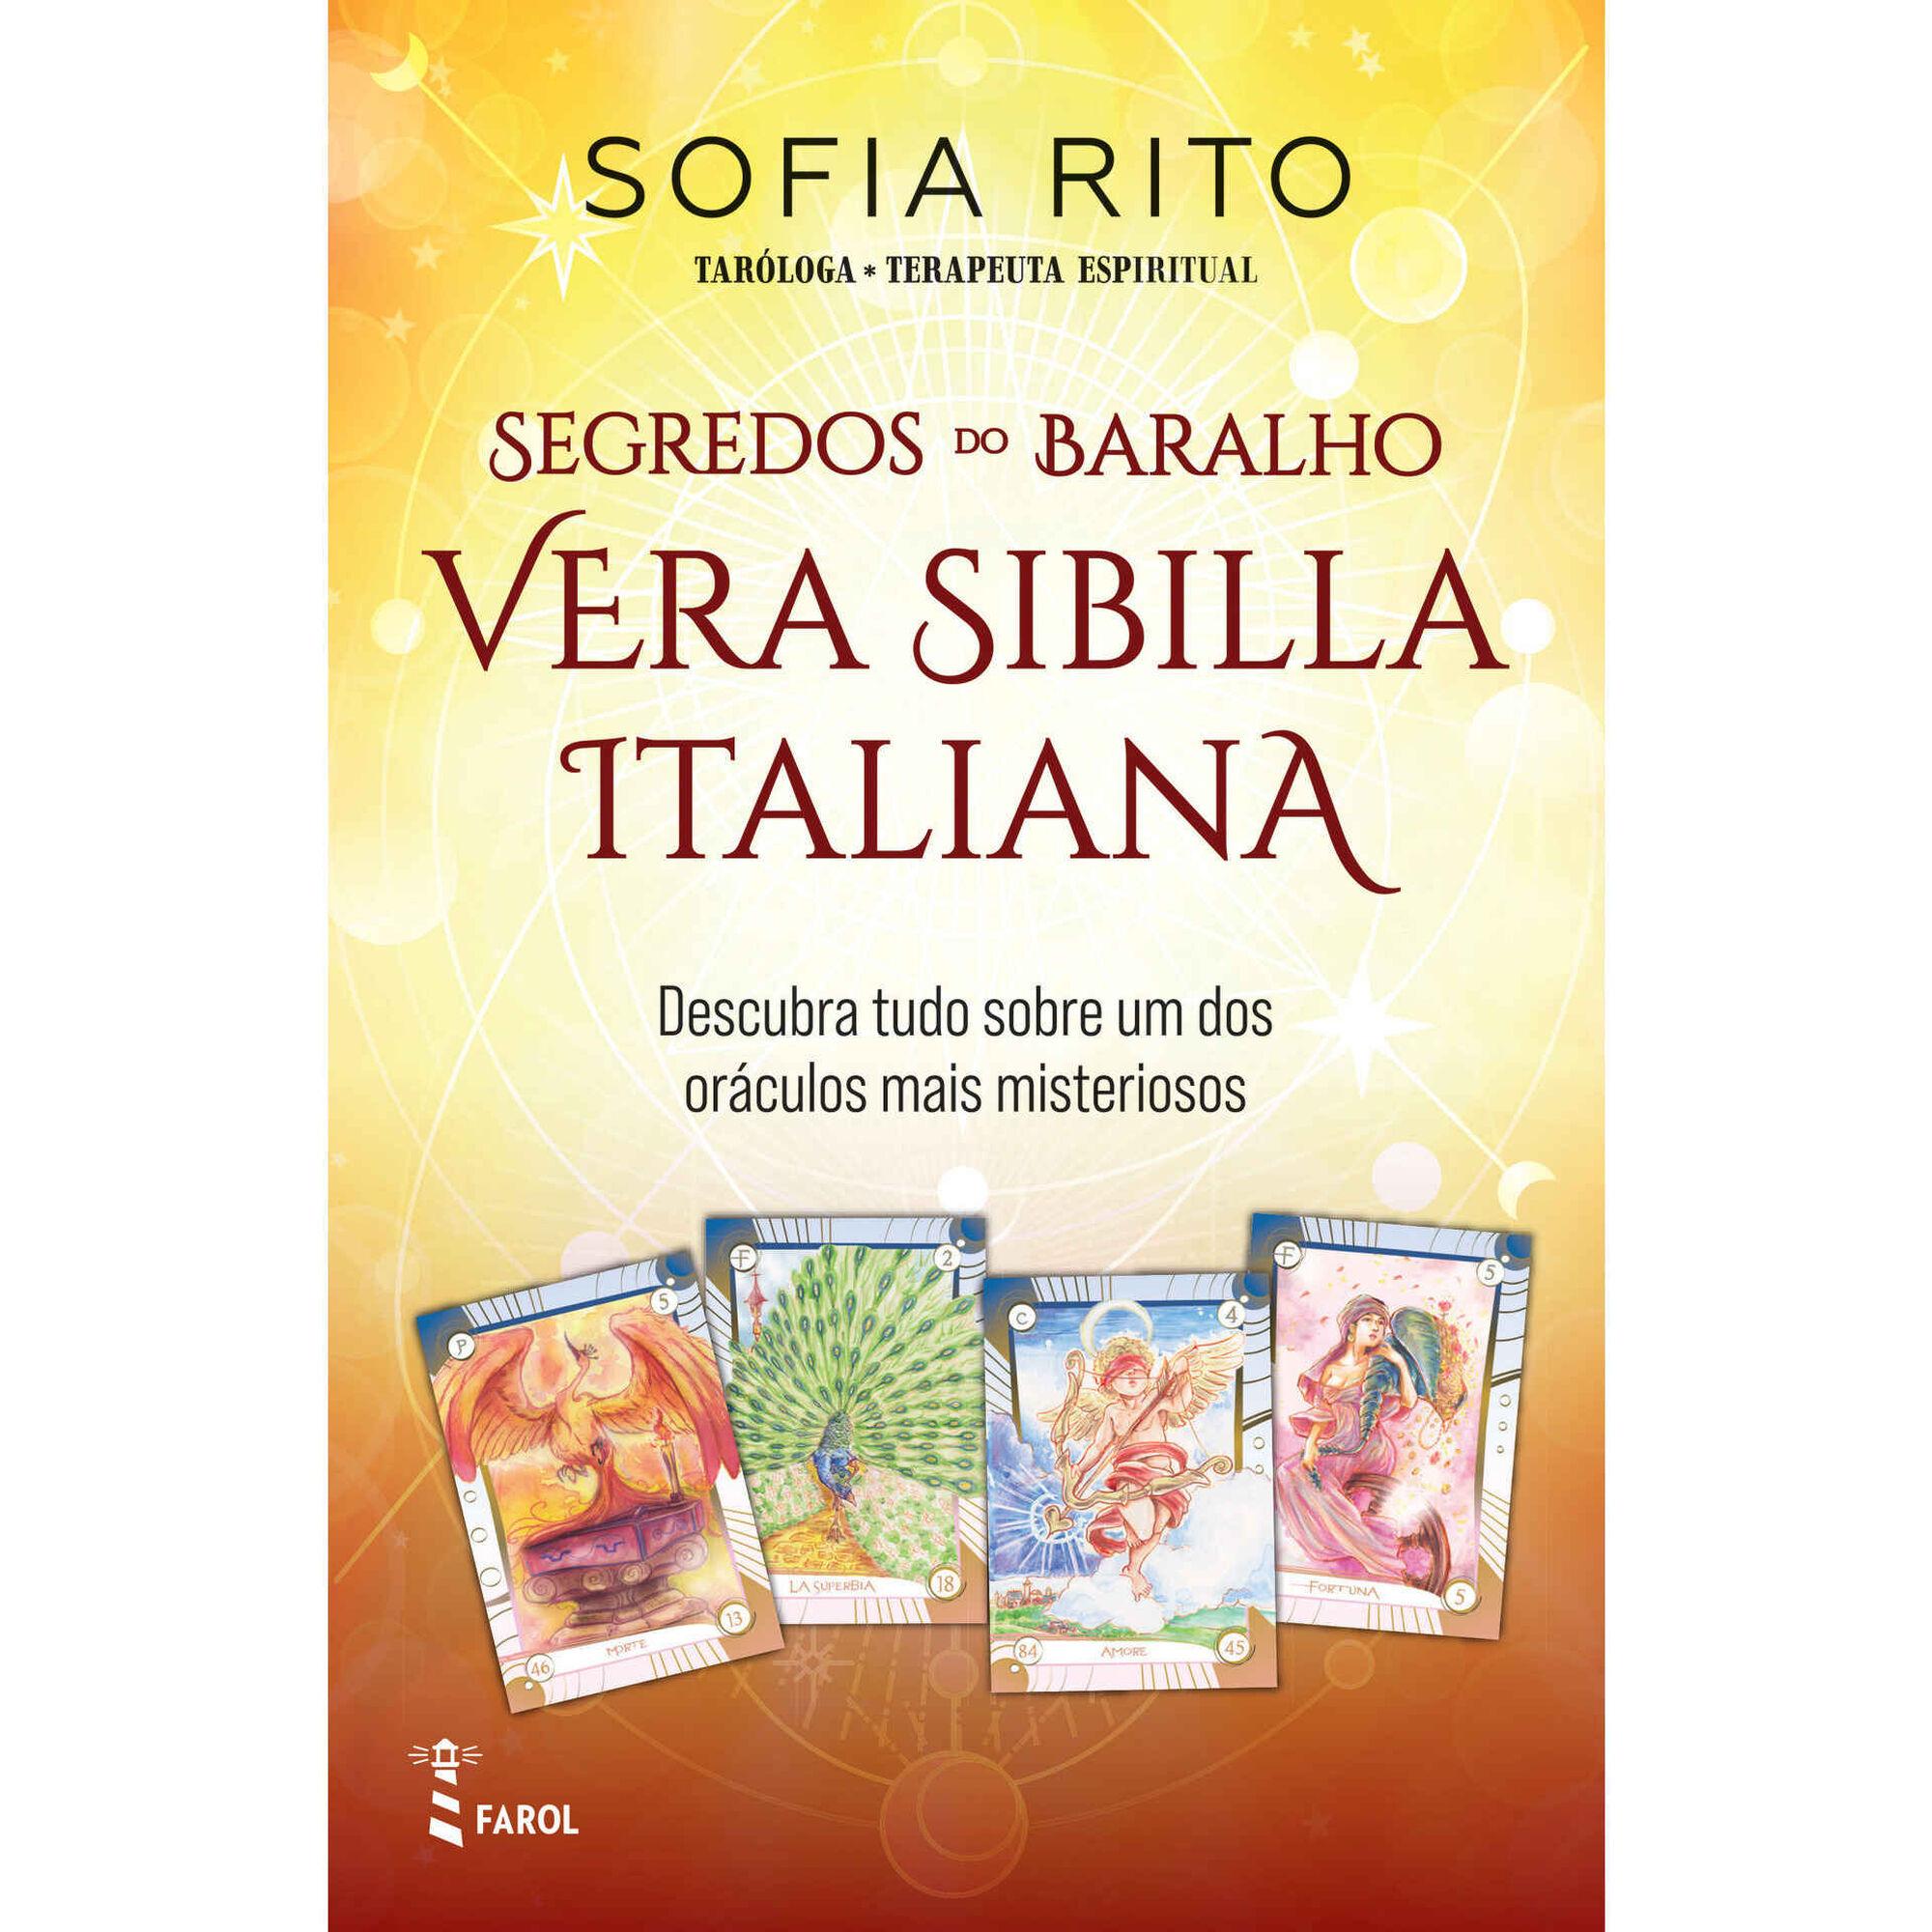 Segredos do Baralho - Vera Sibilla Italiana